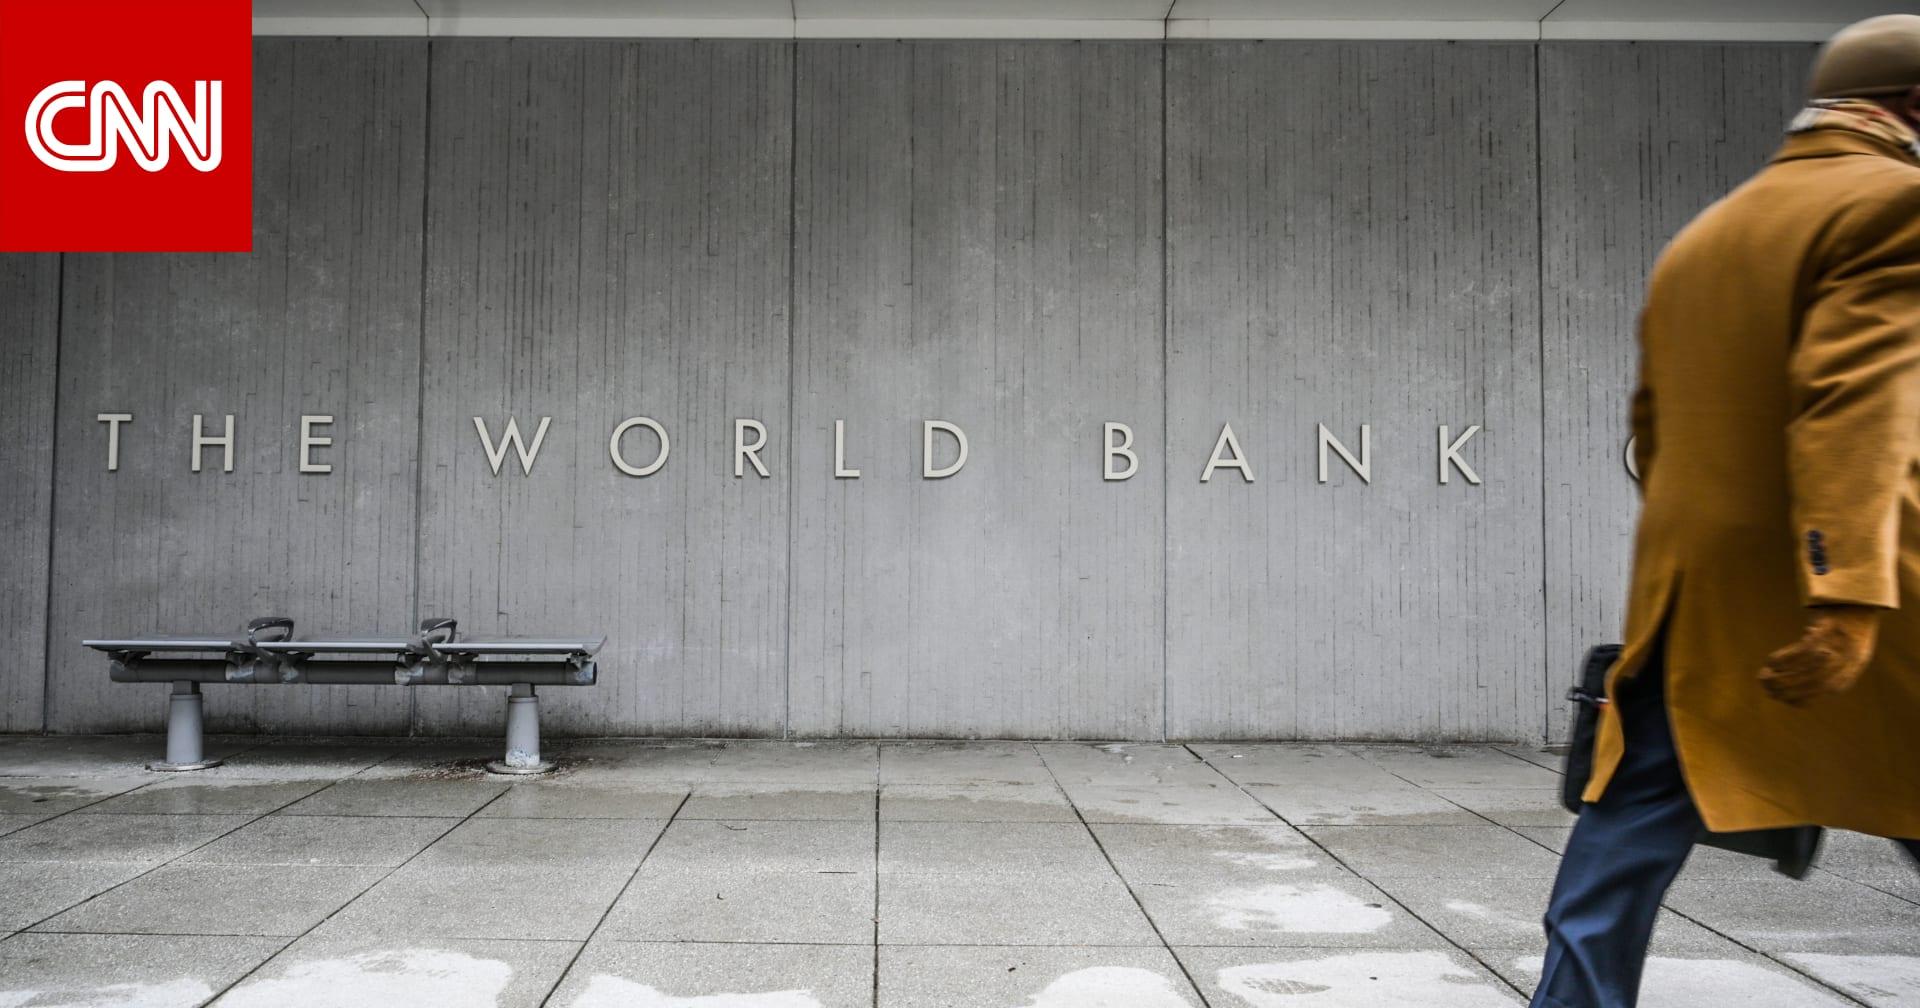 البنك الدولي يطلق تحذيرًا من تصاعد ديون دول الشرق الأوسط خلال 2021 بسبب فيروس كورونا